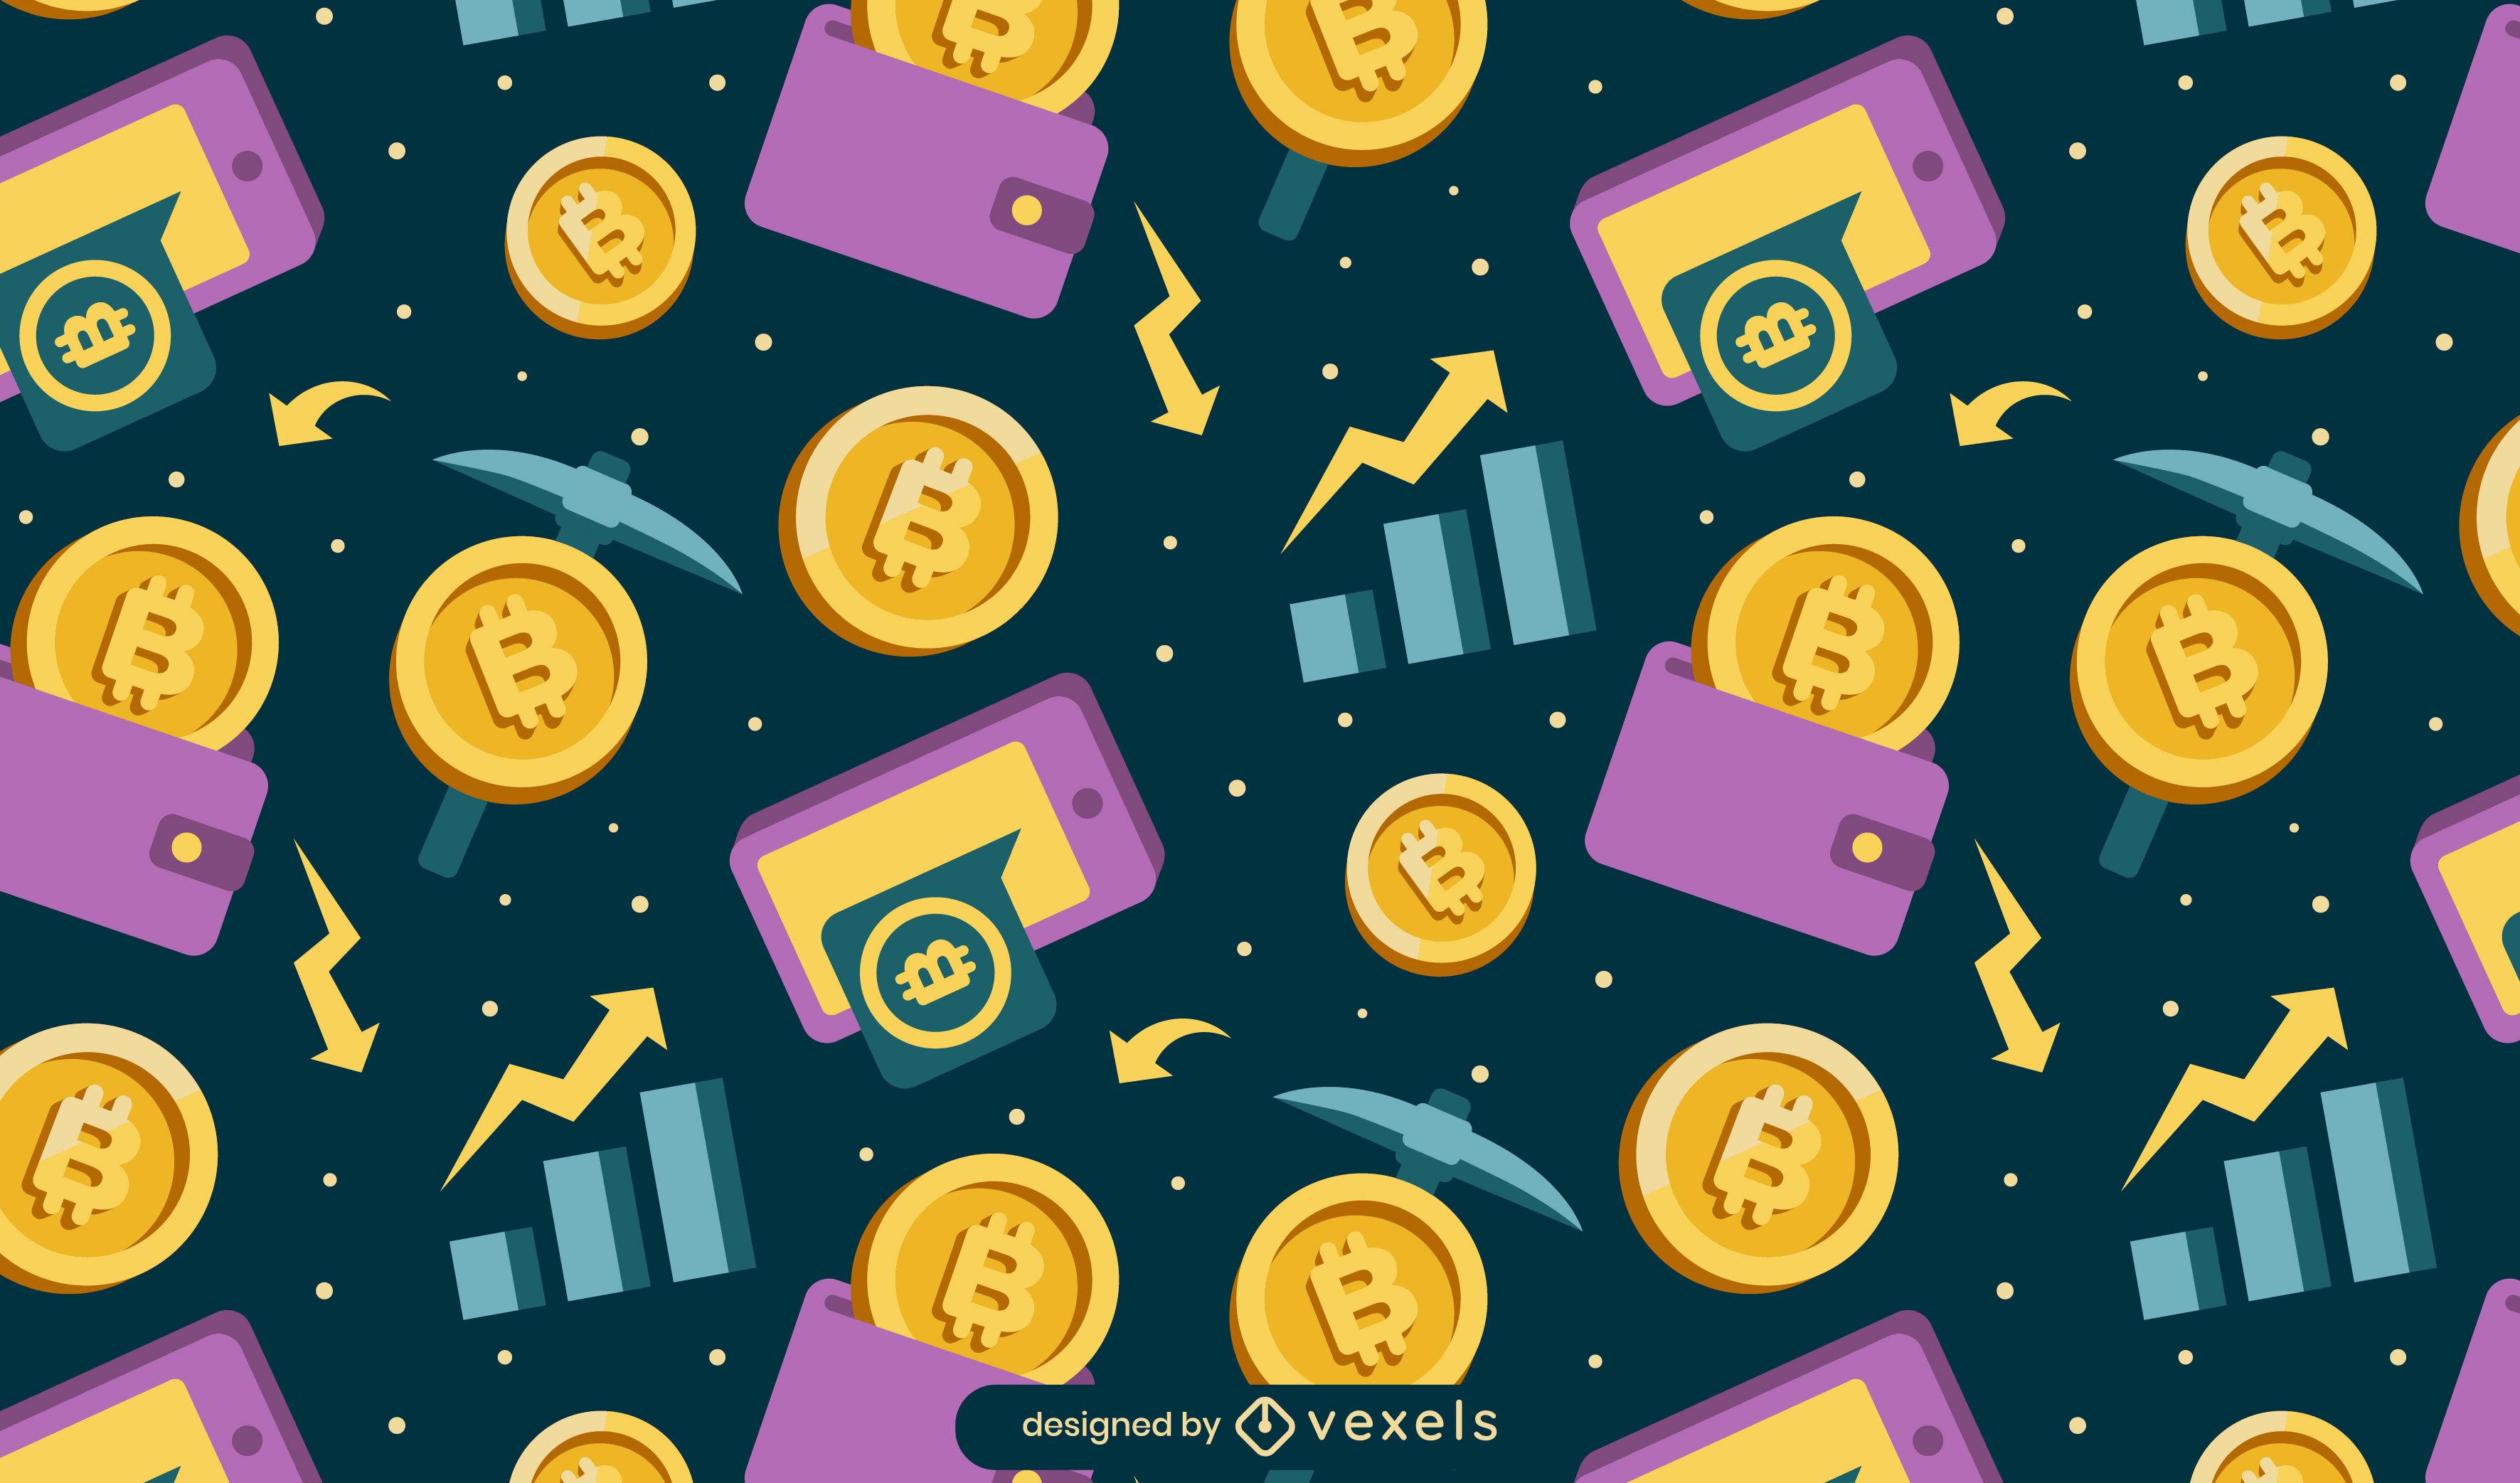 Dise?o de patr?n de monedas de criptomoneda Bitcoin